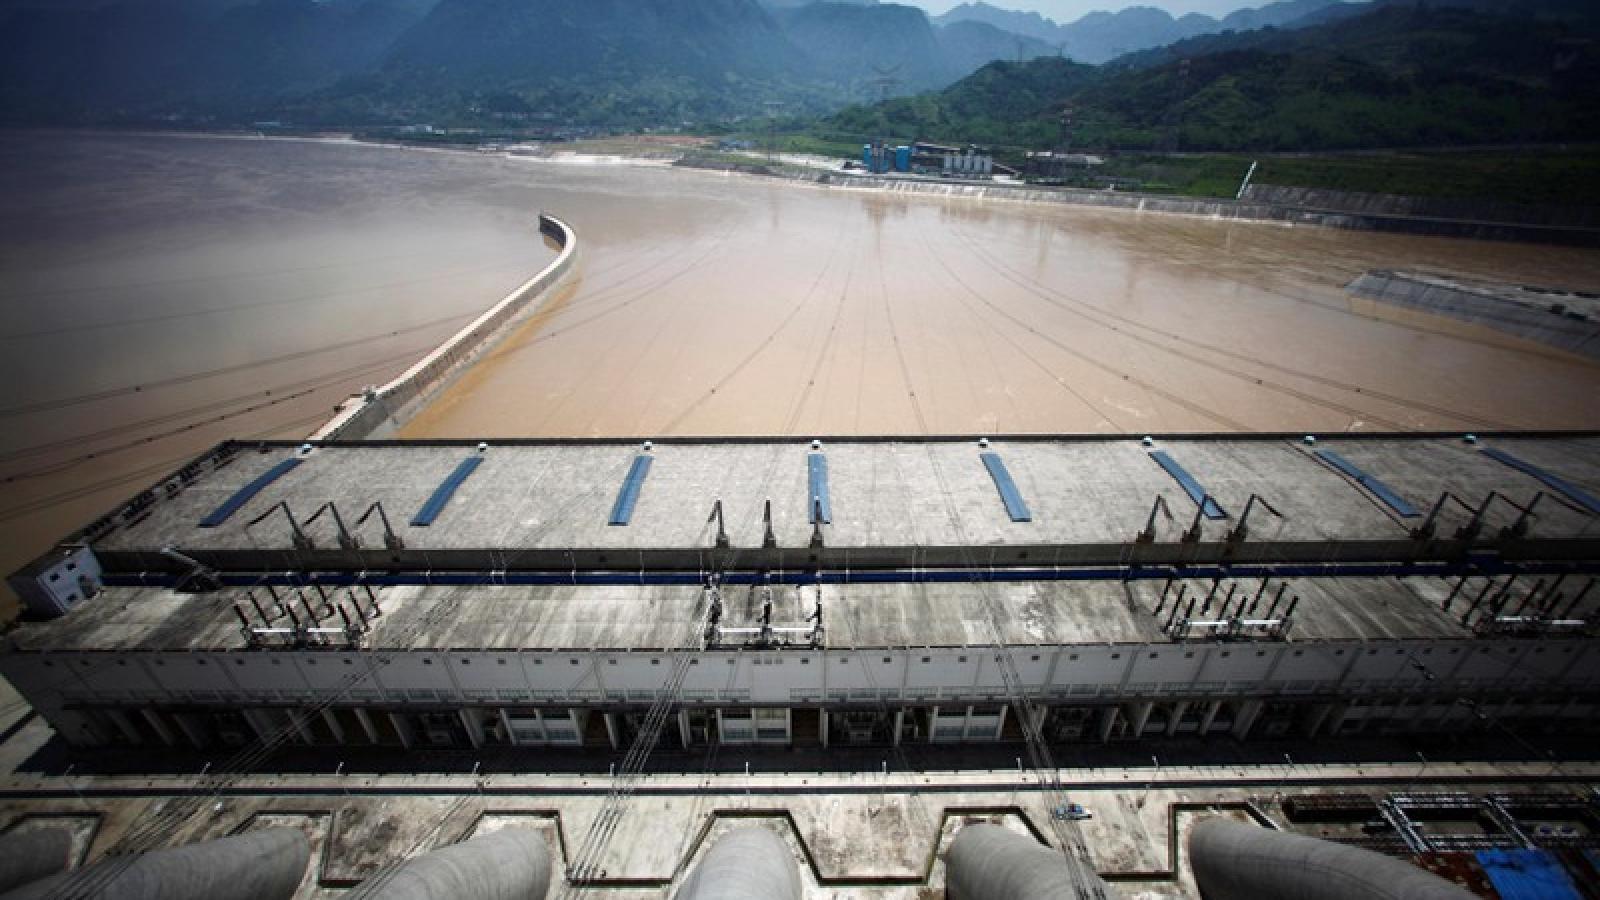 Trận lũ số 5 đang hình thành trên sông Trường Giang (Trung Quốc)